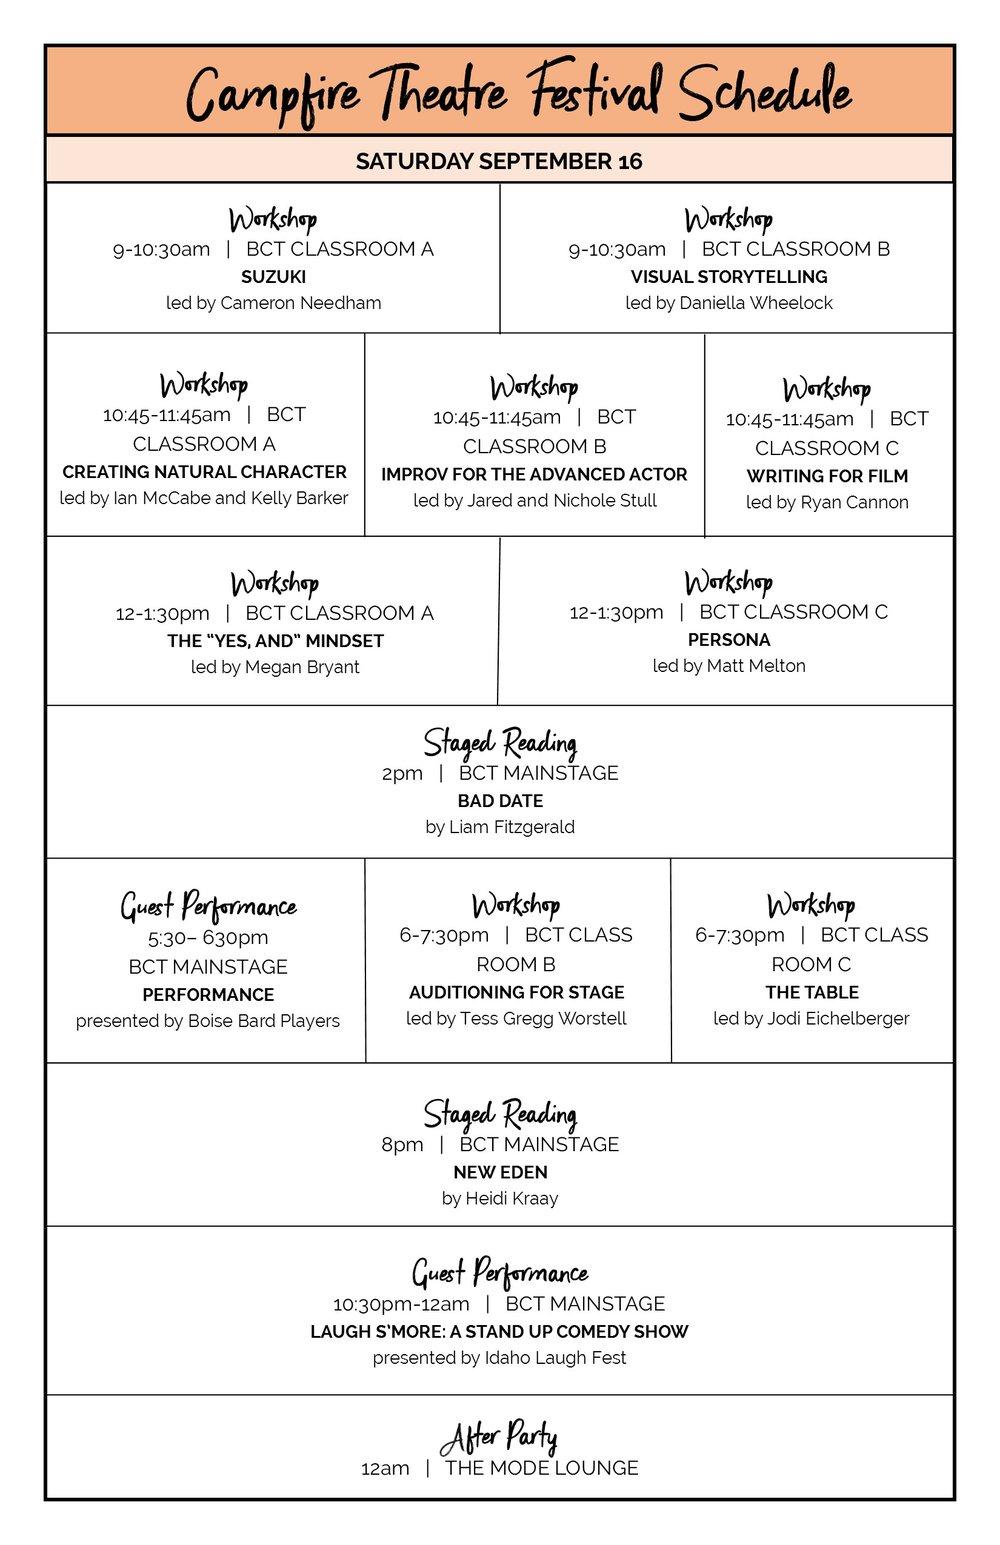 Saturday Sept. 16 Schedule.jpg